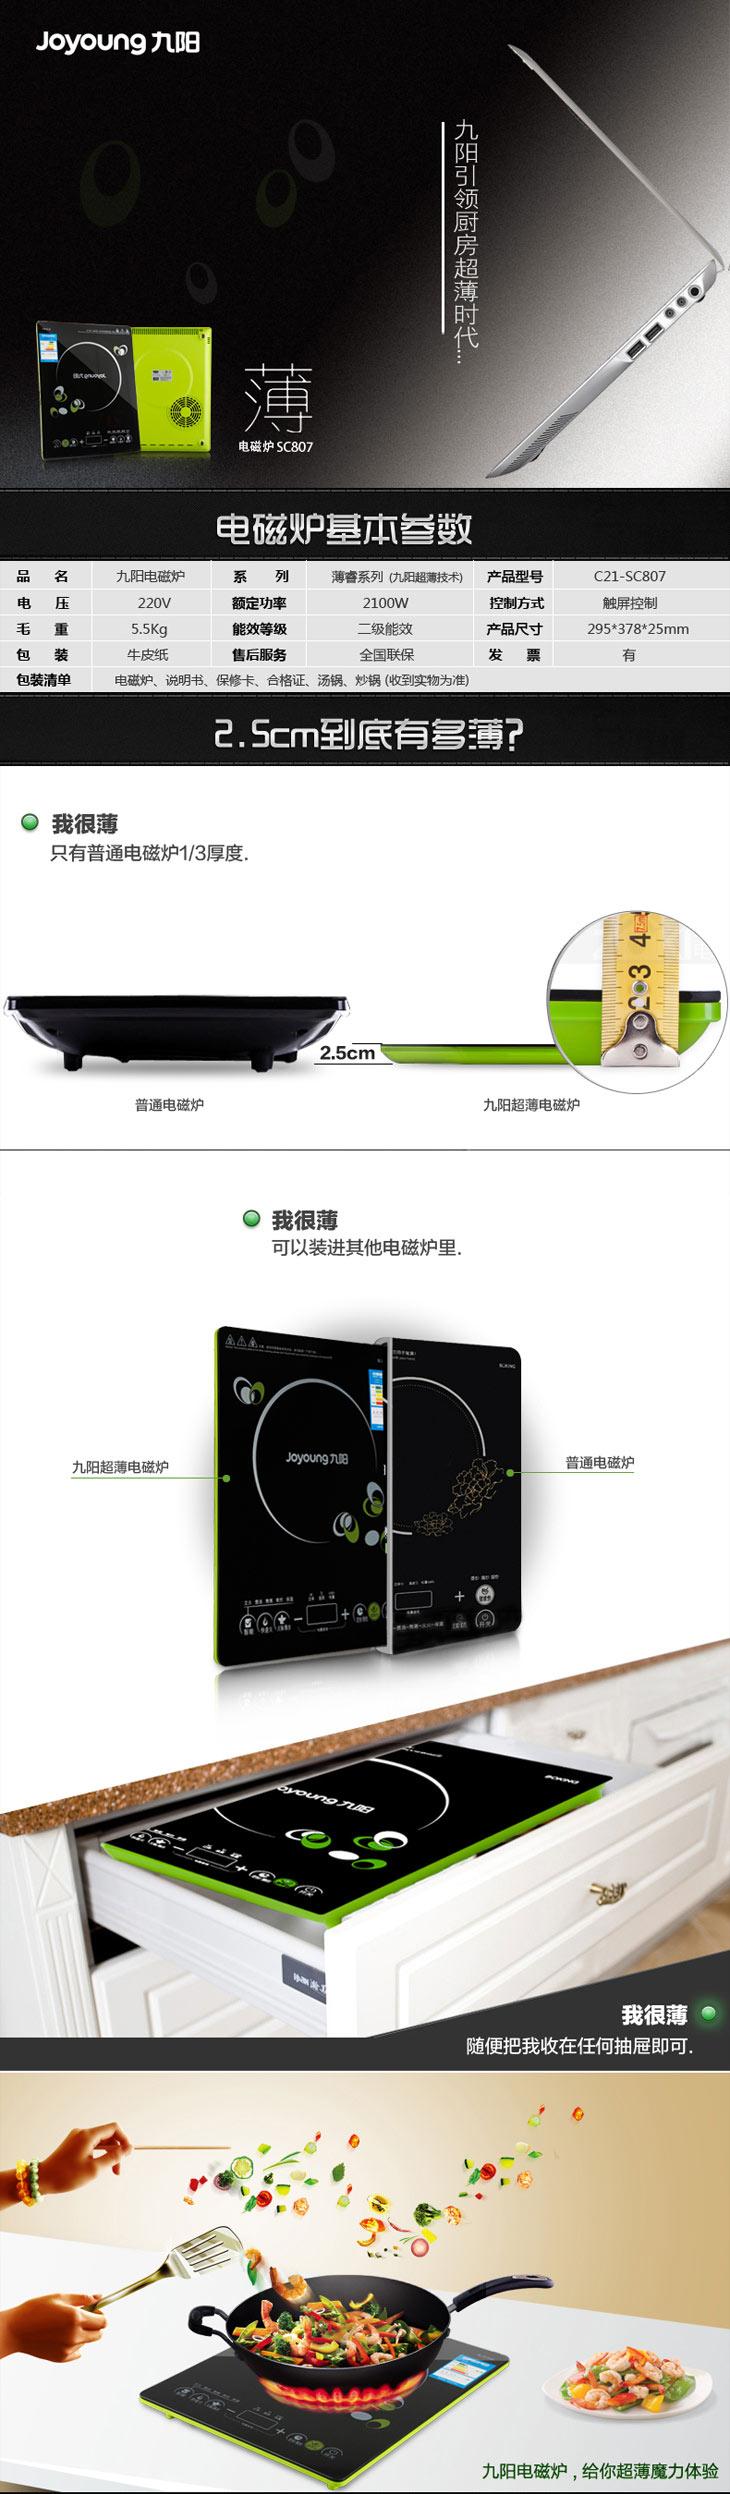 九阳 电磁炉 c21-sc807 整版触摸 二级能效 整机超薄25mm